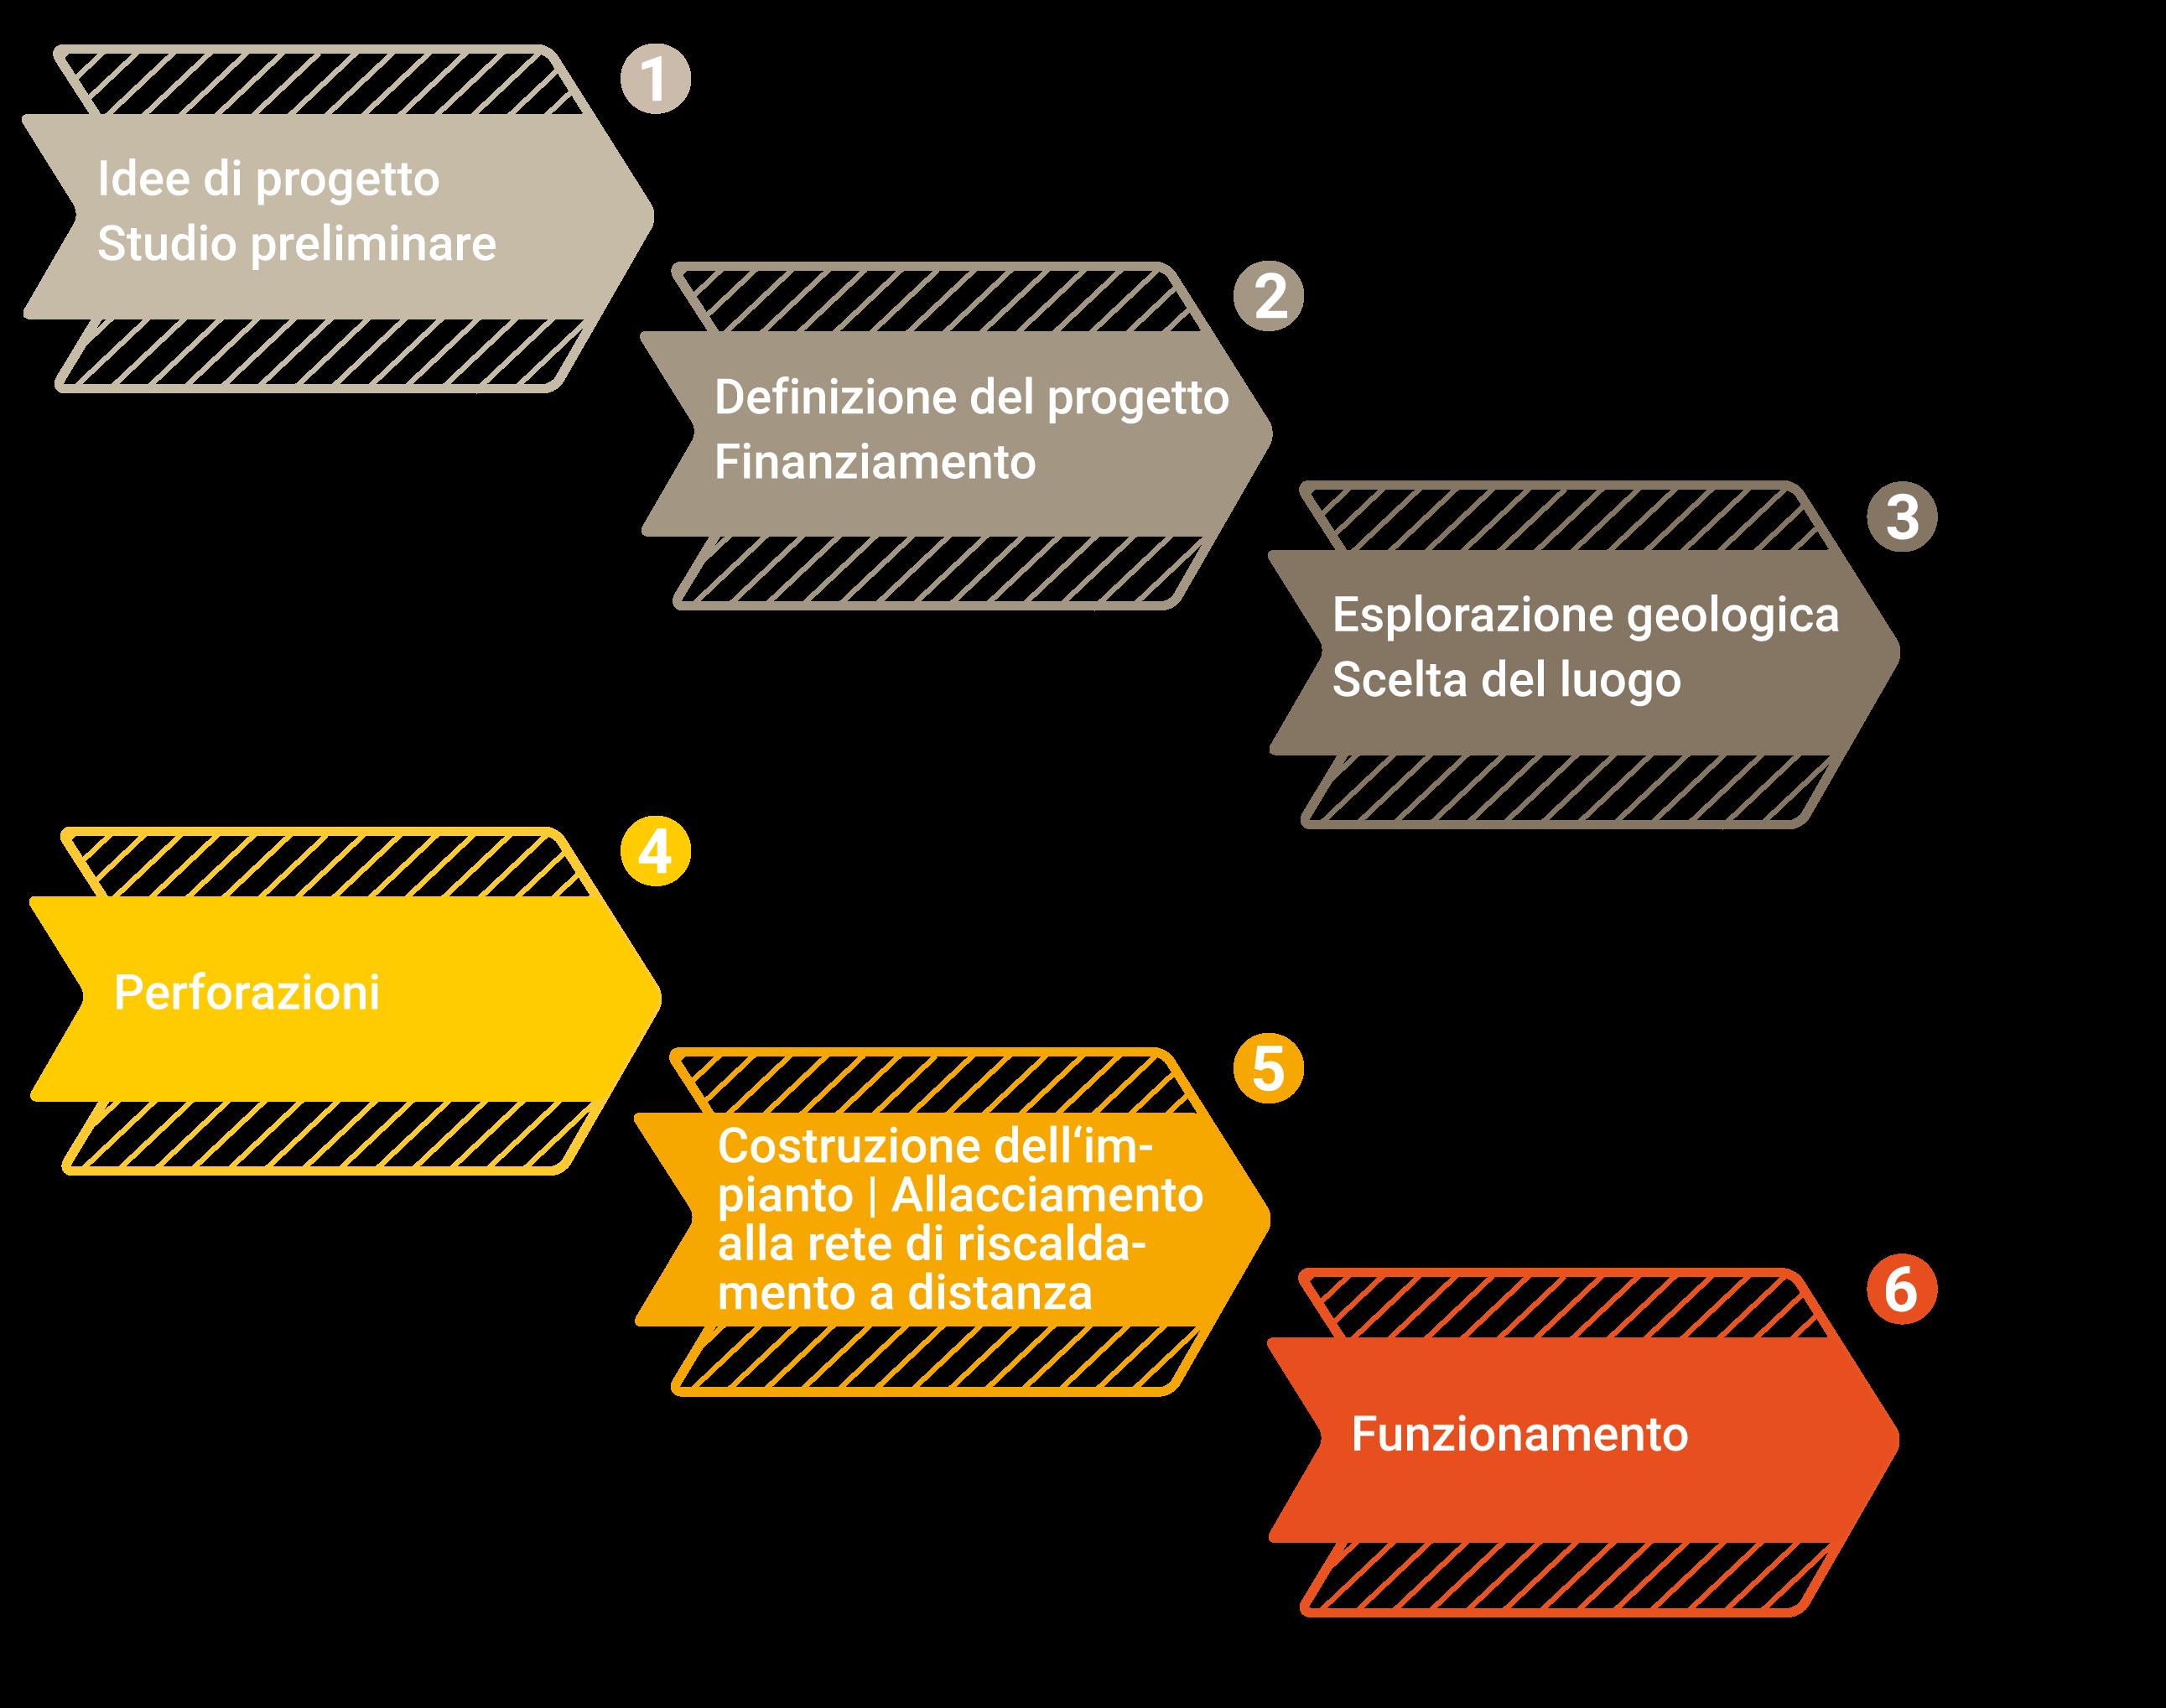 Decorso della procedura per un progetto di geotermia di media profondità (Fonte: GEOTHERMIE.CH)